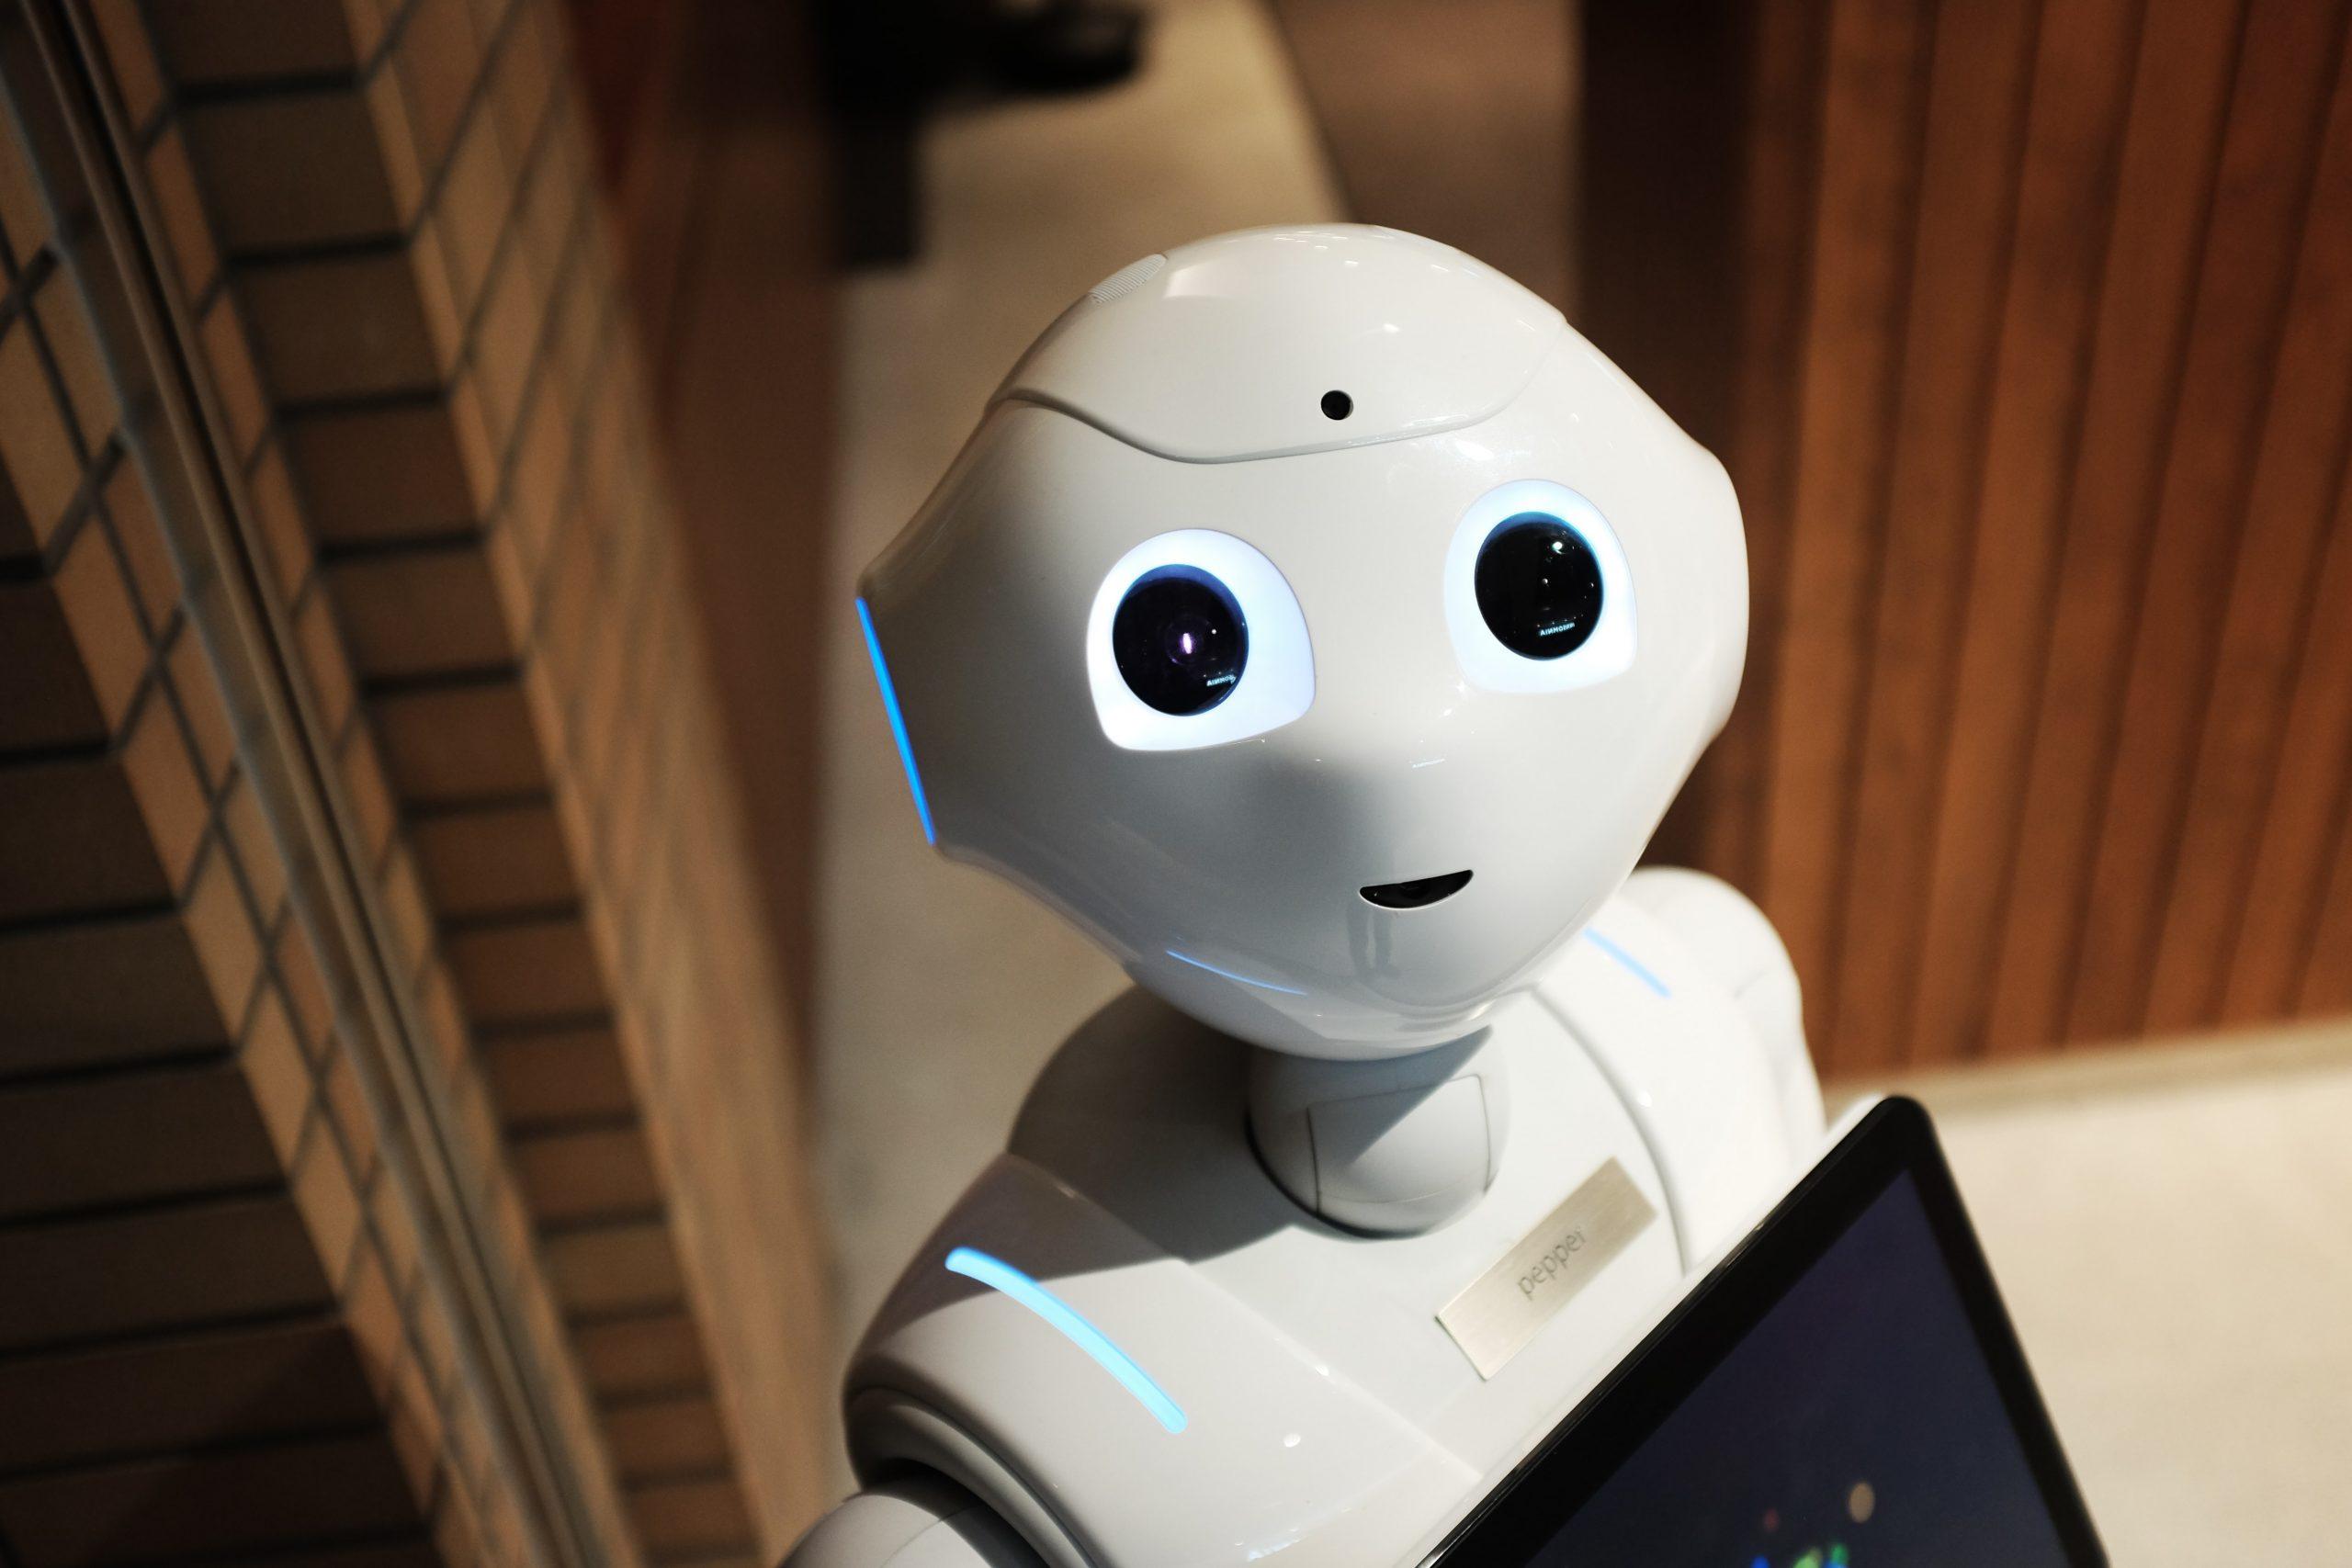 imagem ilustrativa de robô